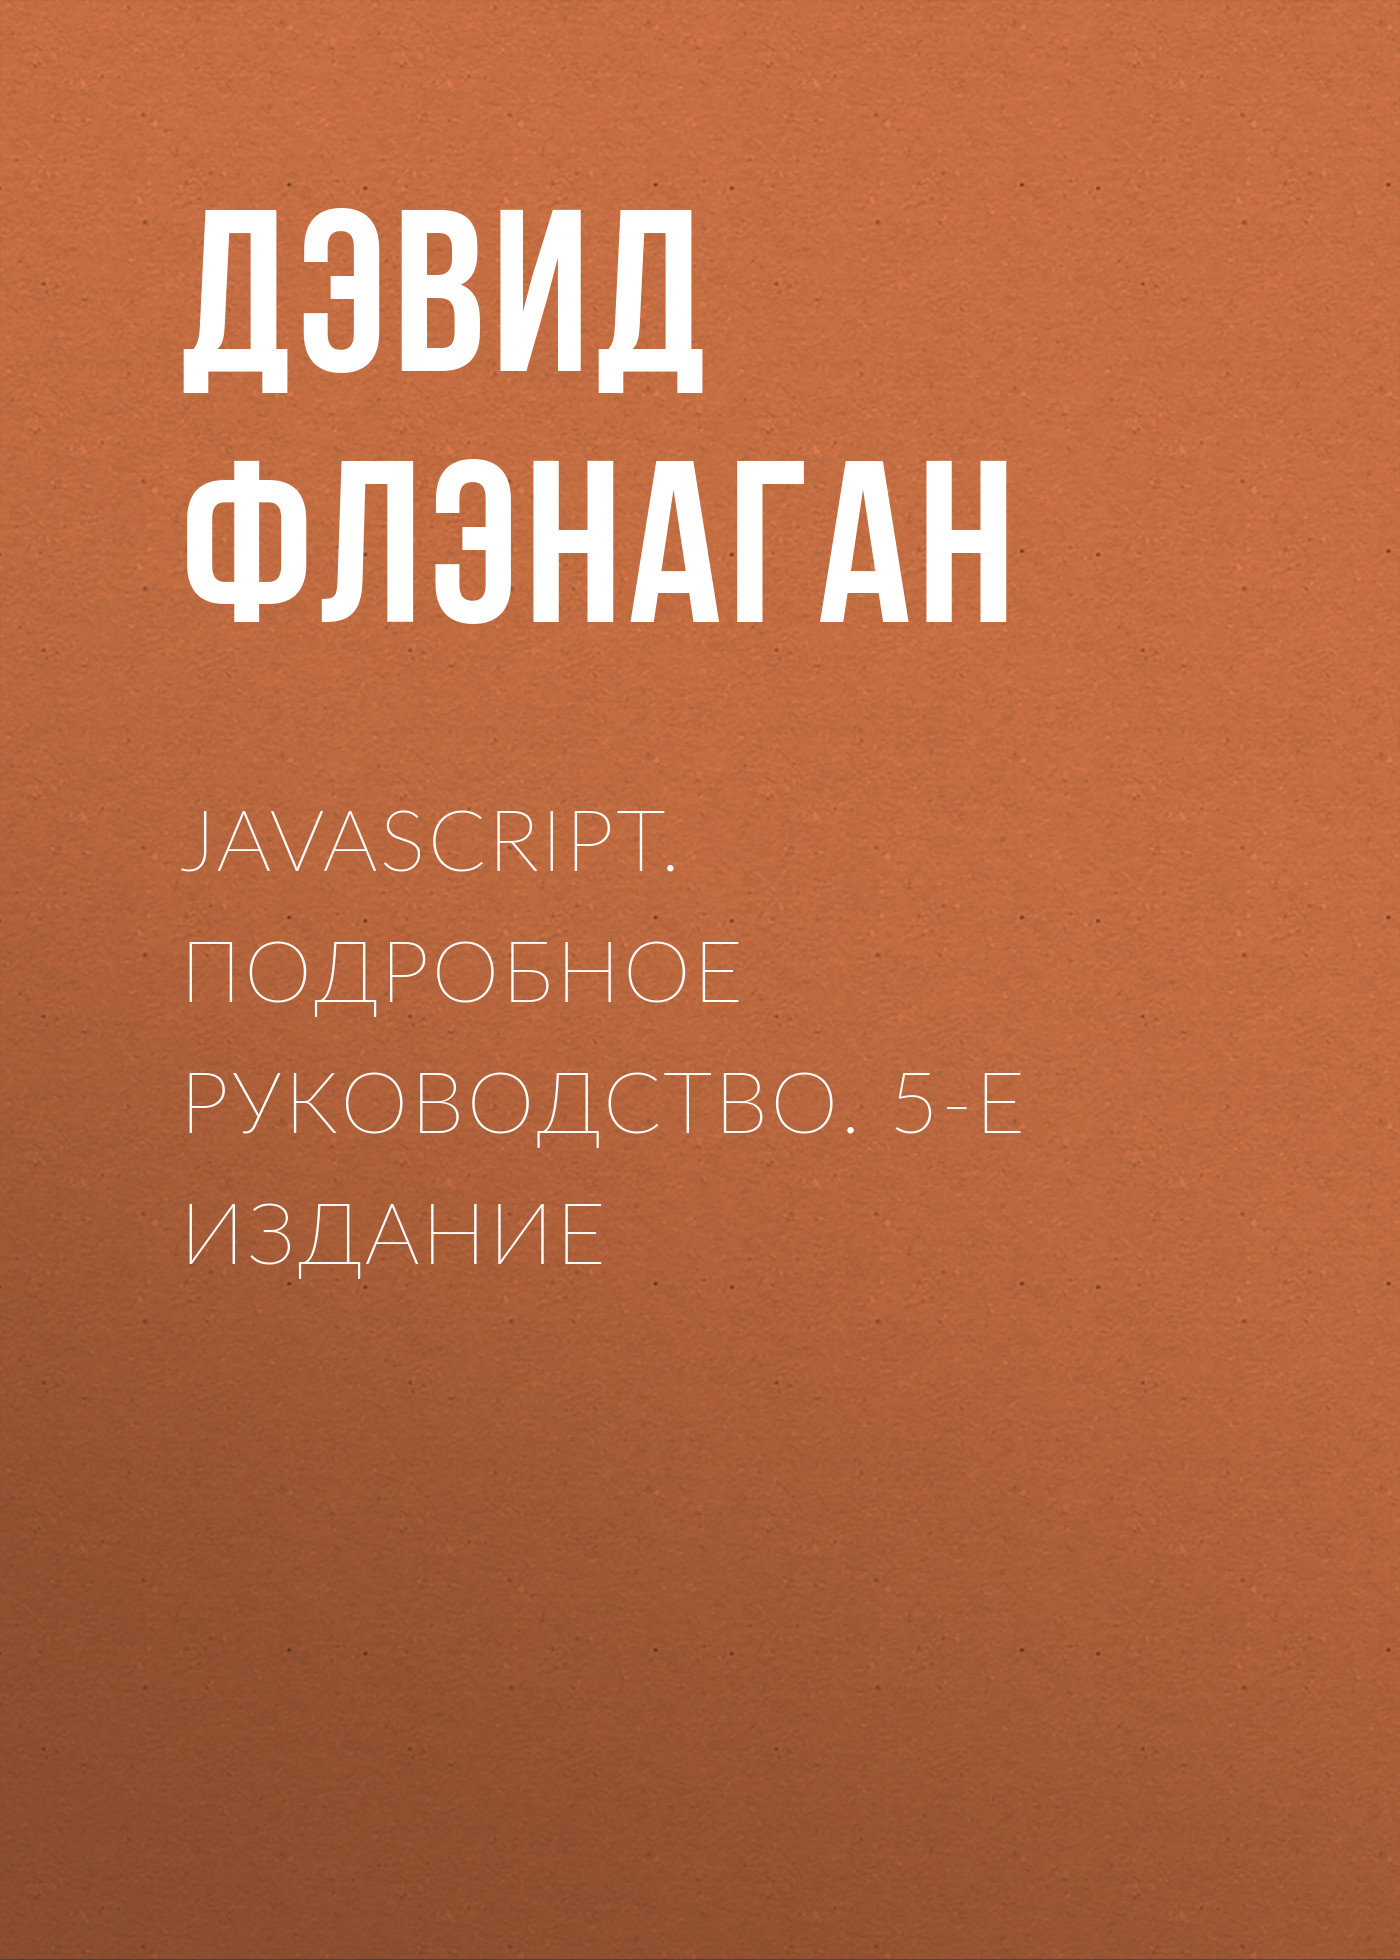 Дэвид Флэнаган JavaScript. Подробное руководство. 5-е издание смирнов с электронная обработка документов xml javascript jdbc практическое пособие для менеджеров